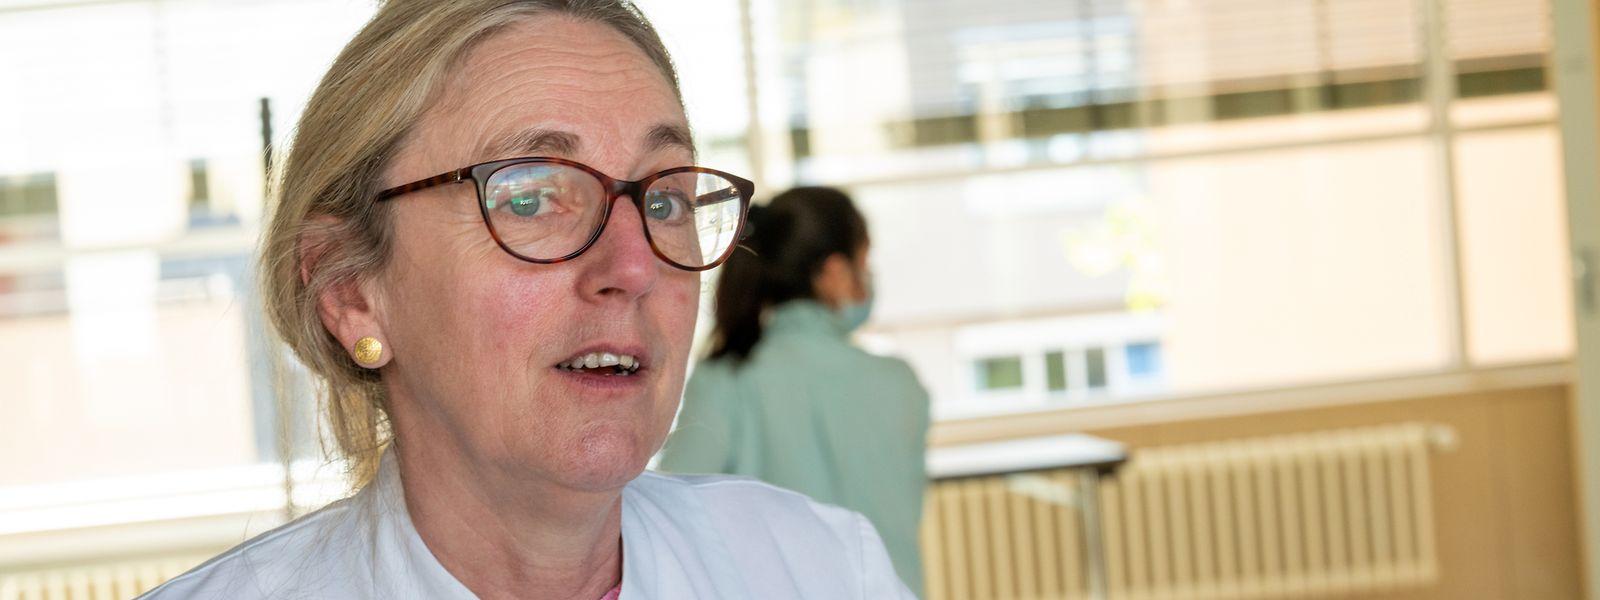 «Nous avons recommandé aux personnes de moins de 30 ans de ne pas se faire vacciner du tout avec AstraZeneca», indique le Dr Staub